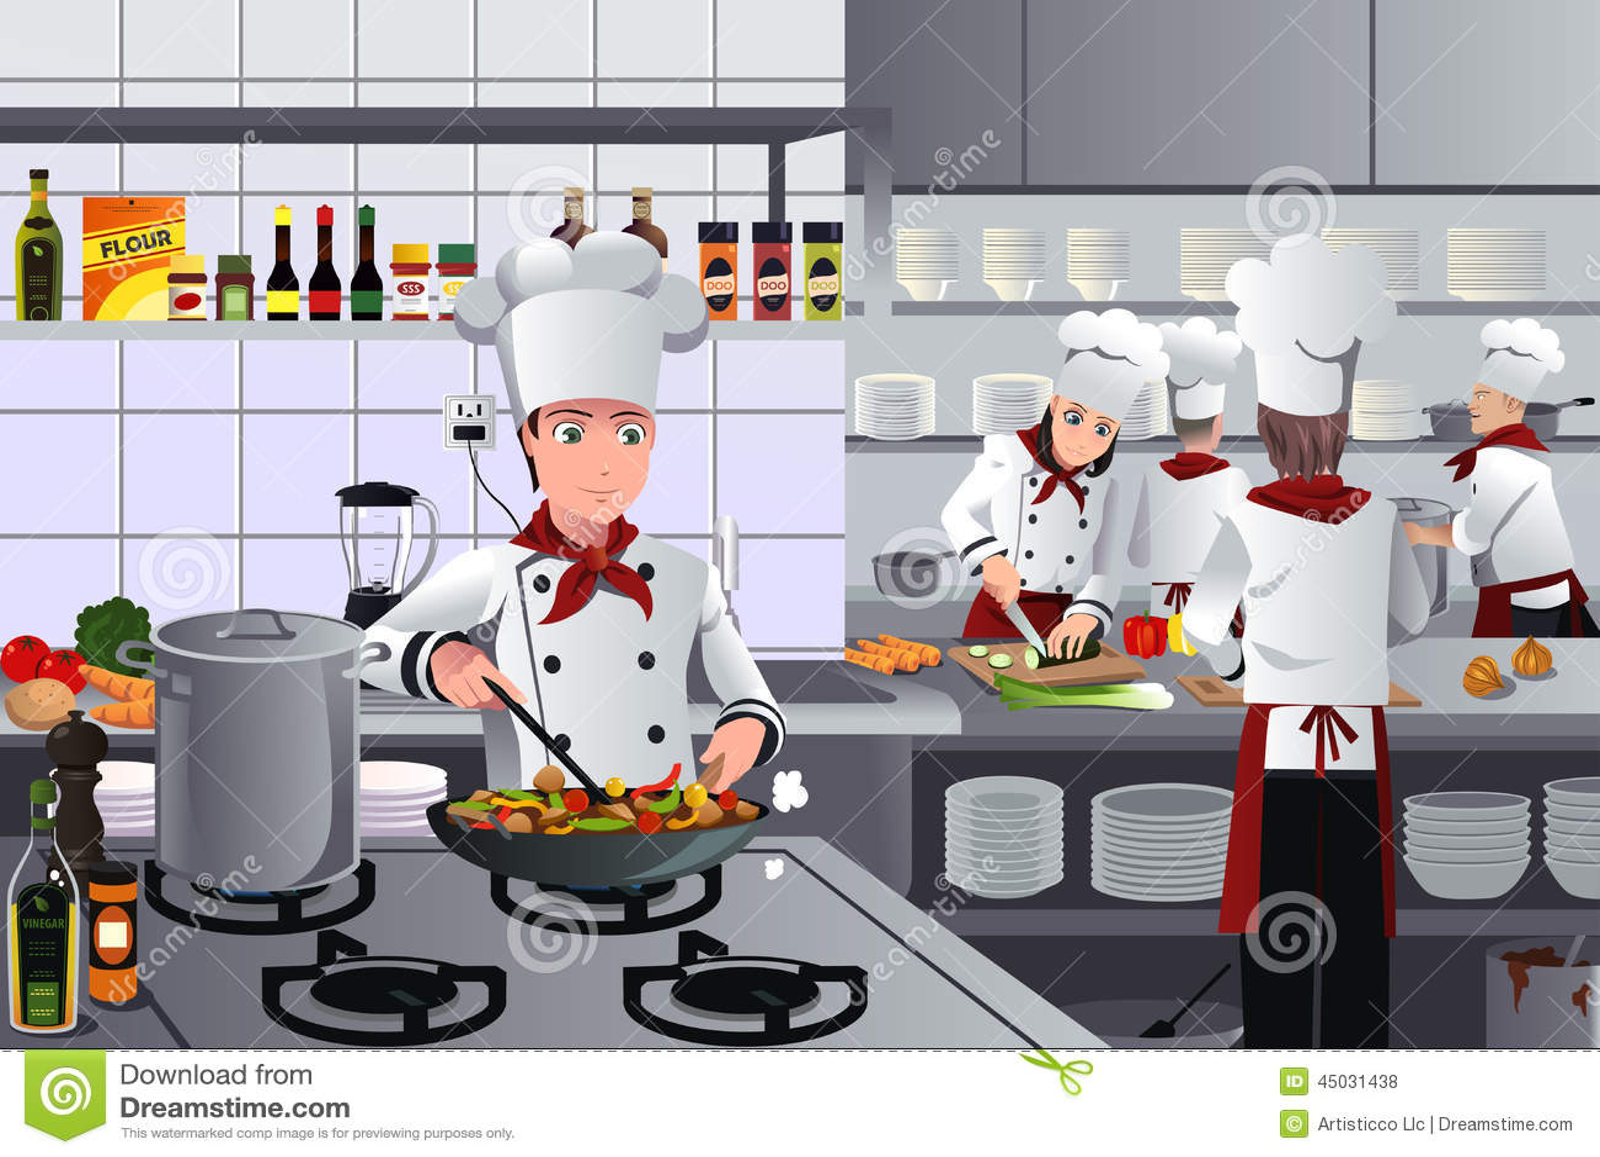 Scene Inside Restaurant Kitchen Stock Vector Image 45031438